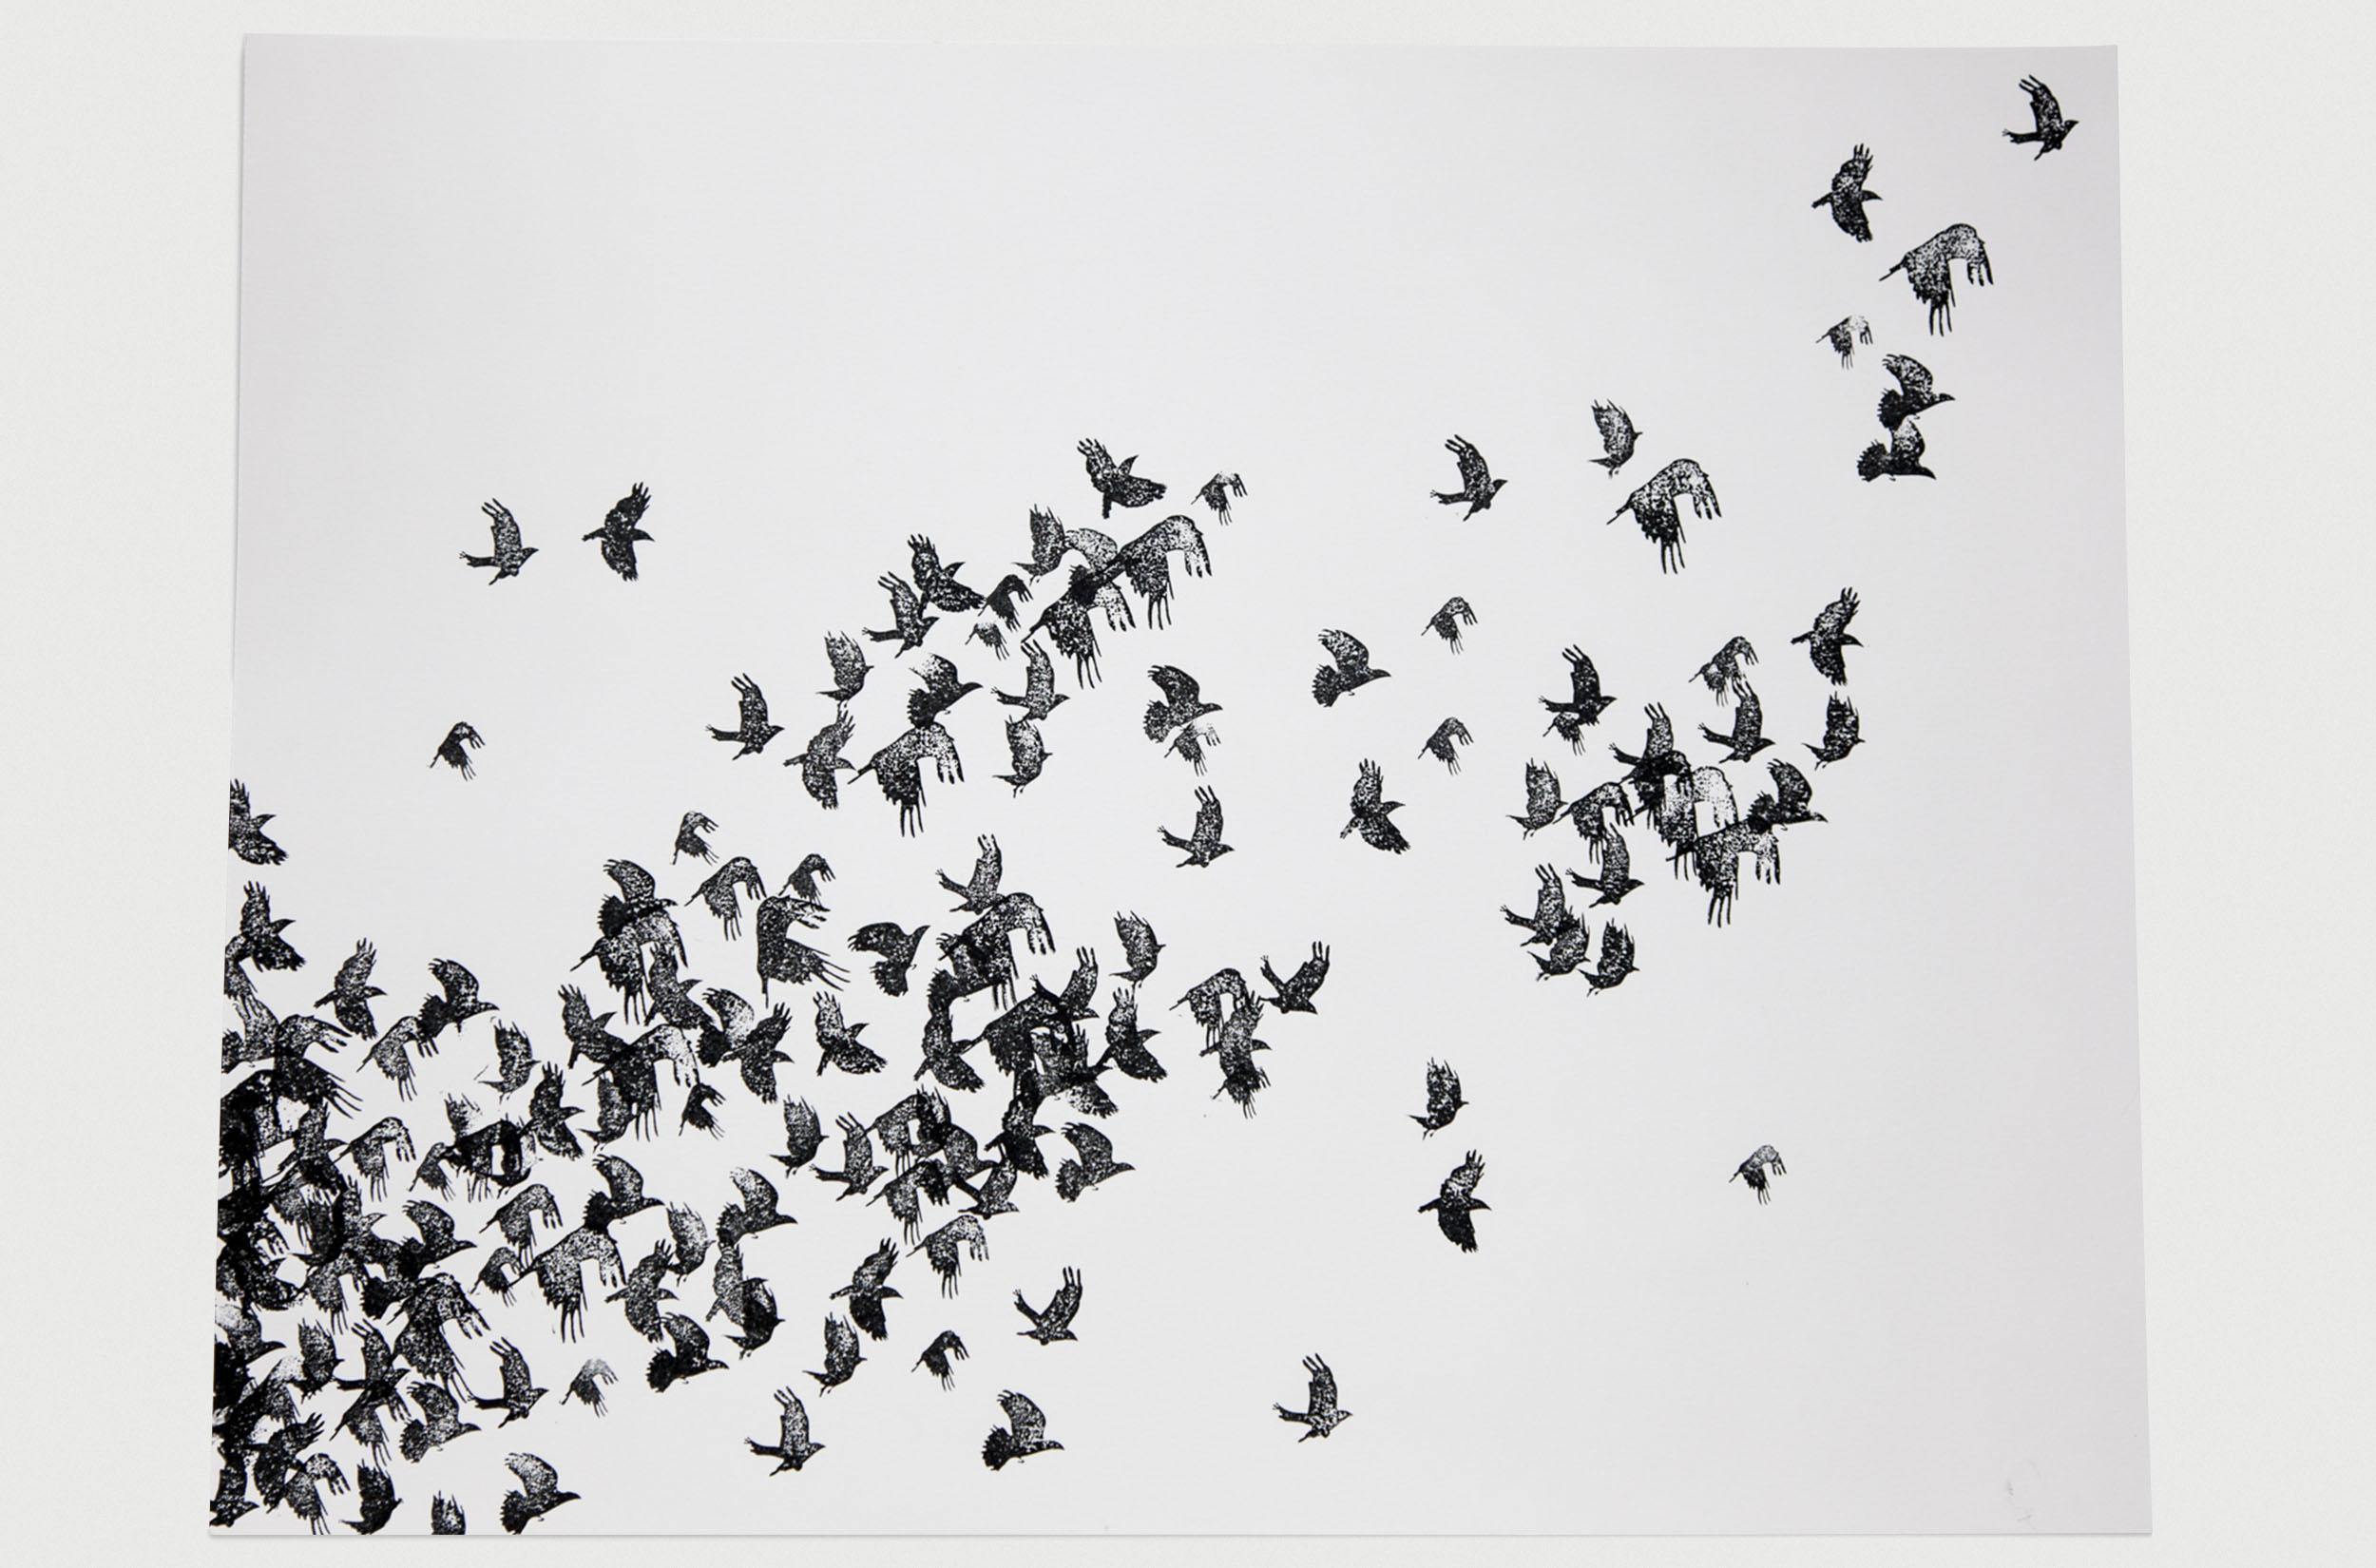 Eve-Biddle-Collaborations-Frankel-Untitled-2014-15